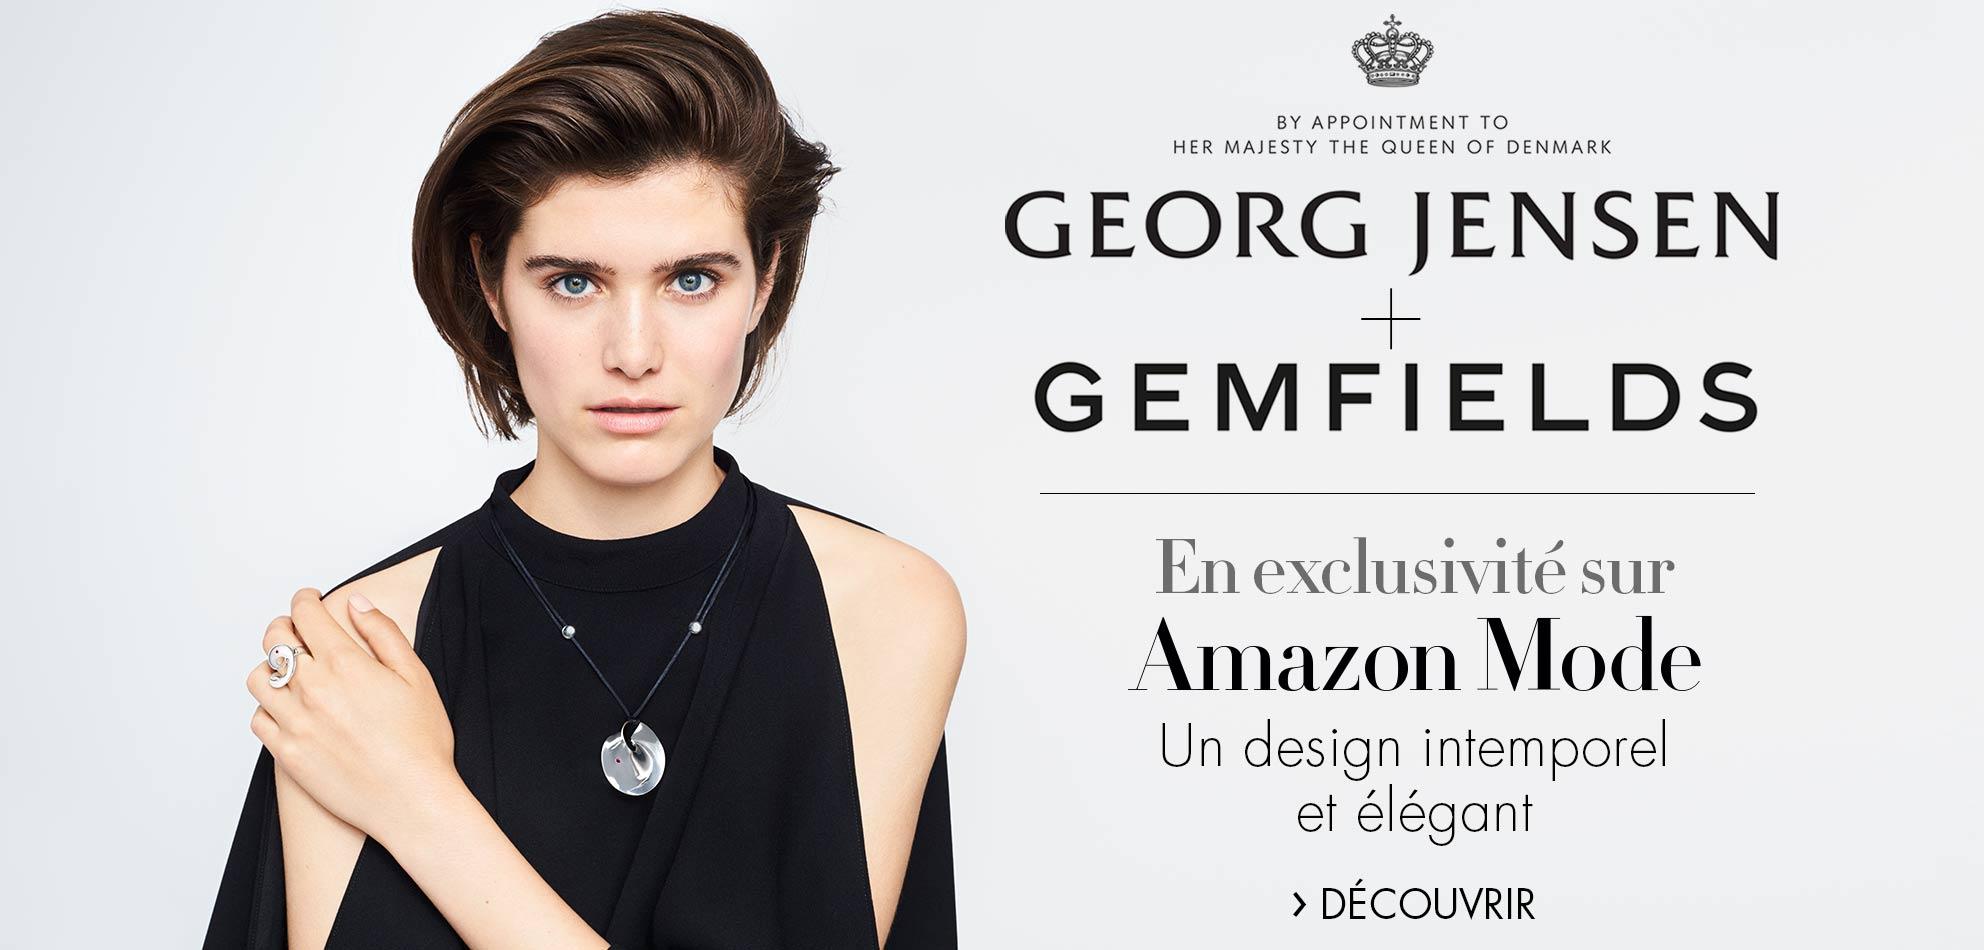 Georg Jensen + Gemfields collaboración